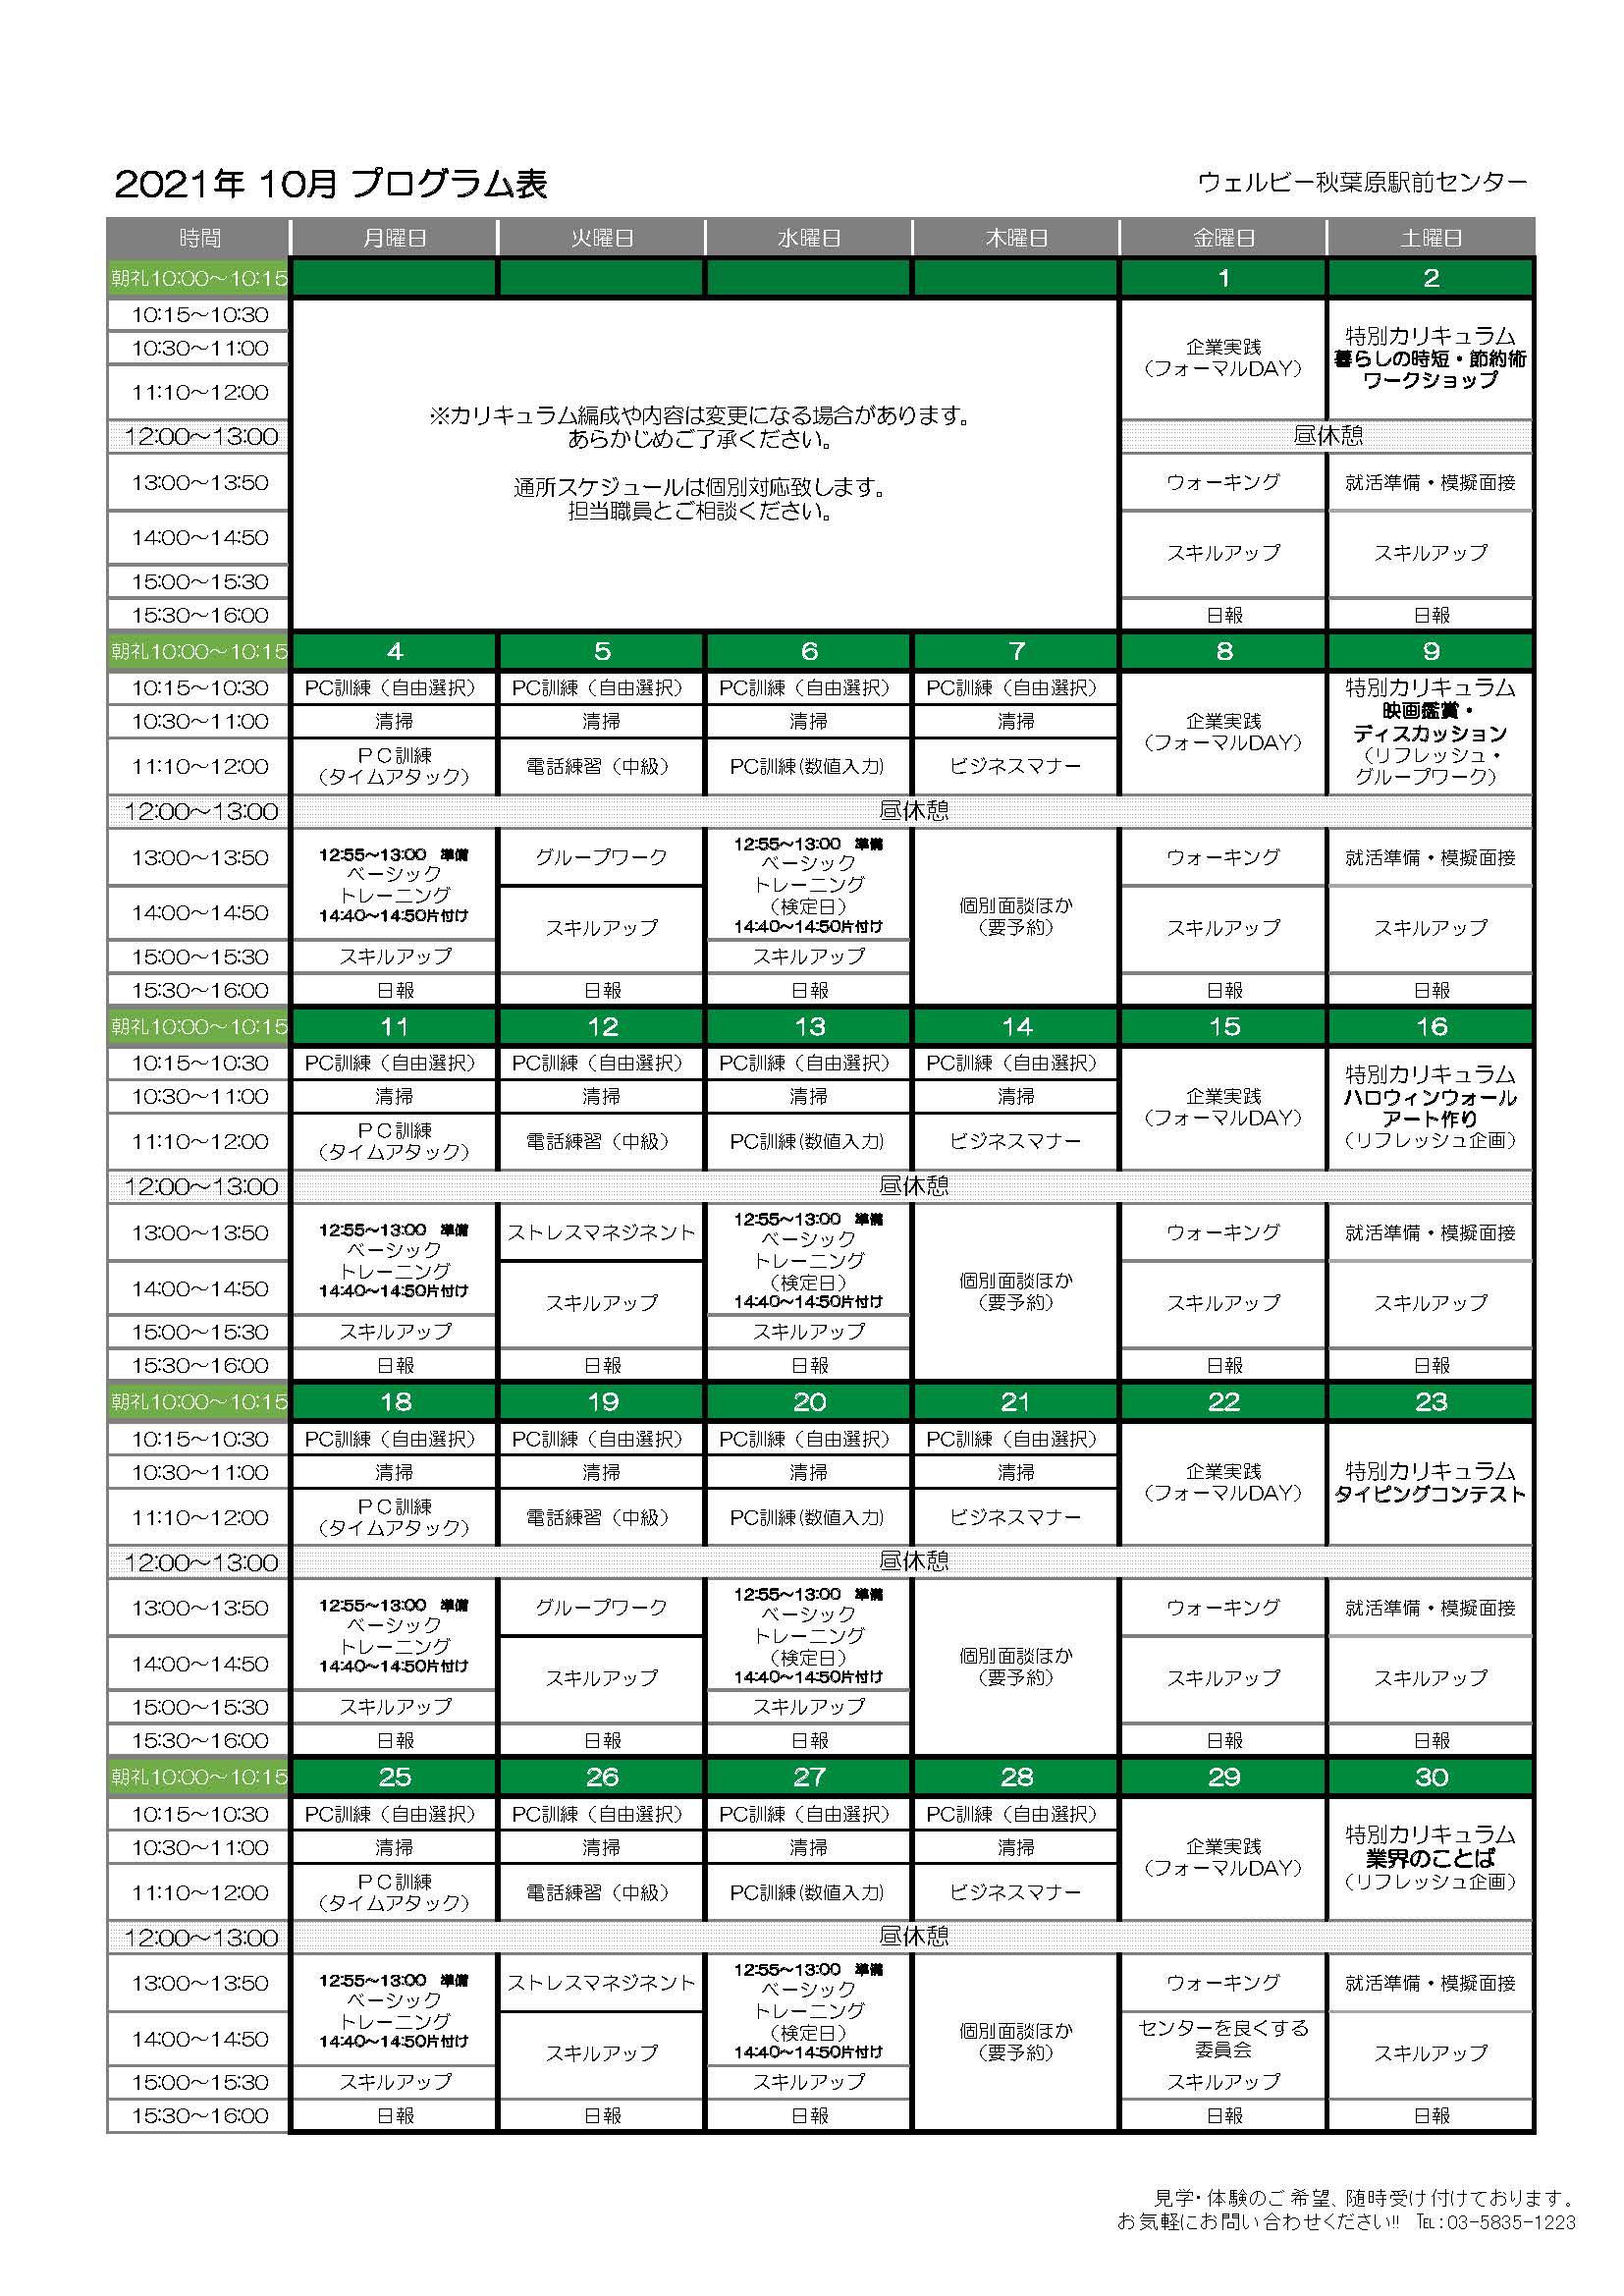 ウェルビー秋葉原駅前センター月間プログラム表+(10月)